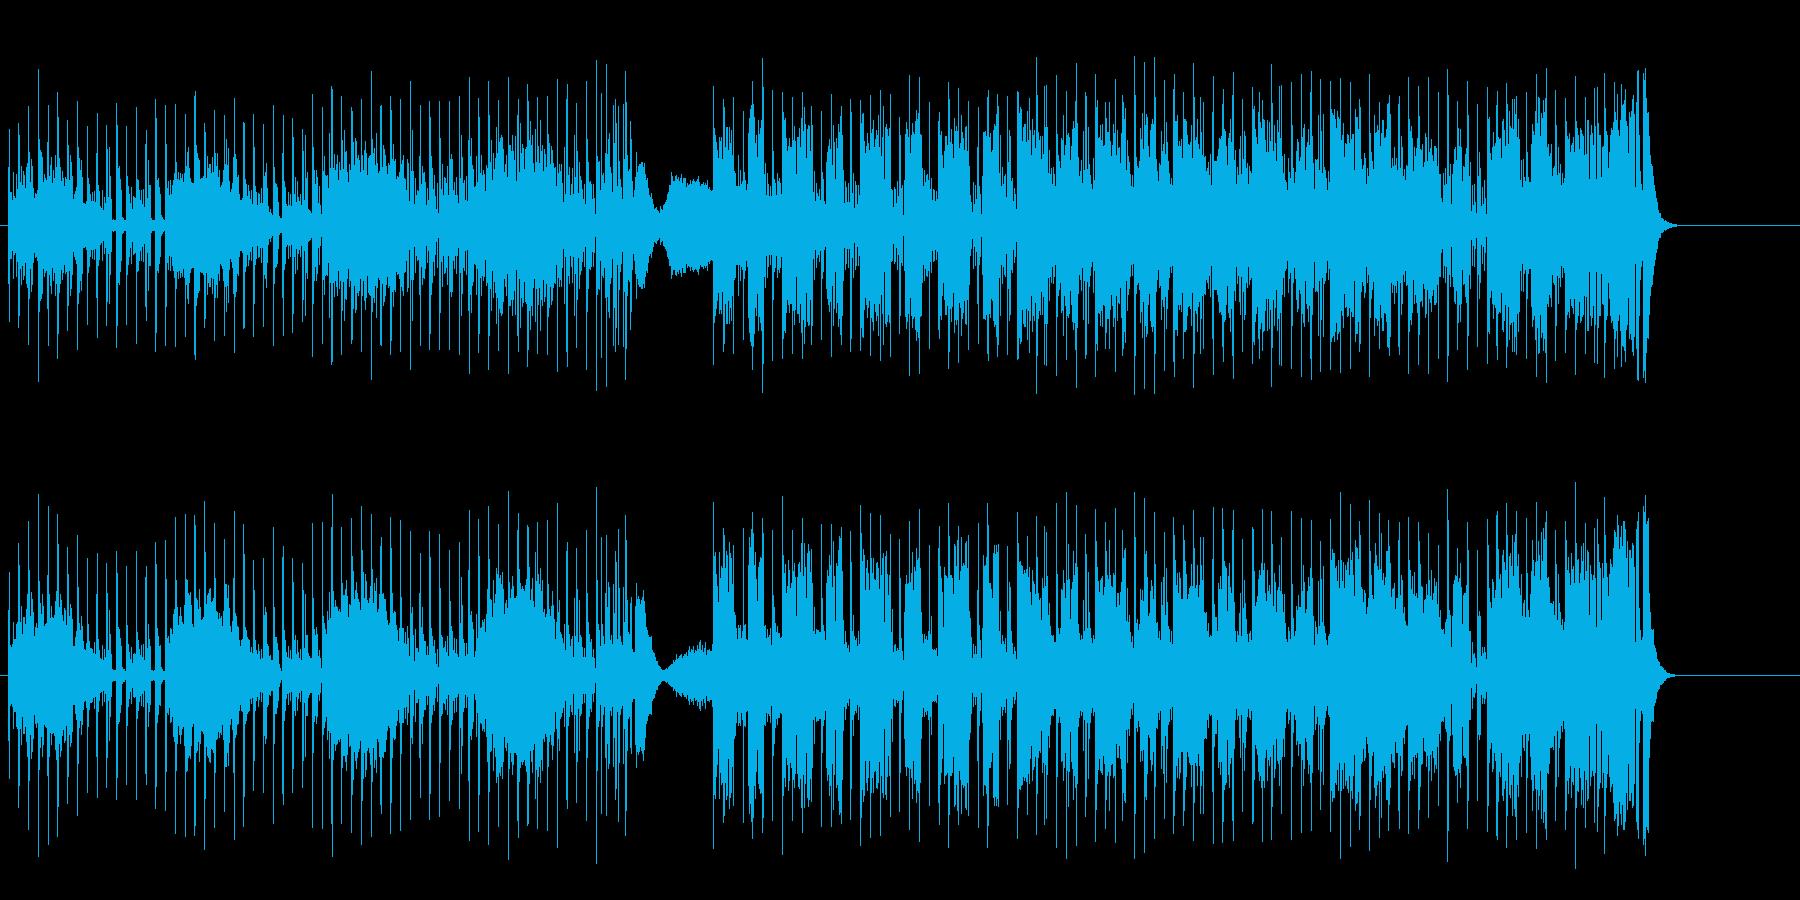 伝統回帰のファンキー&エレクトリックの再生済みの波形